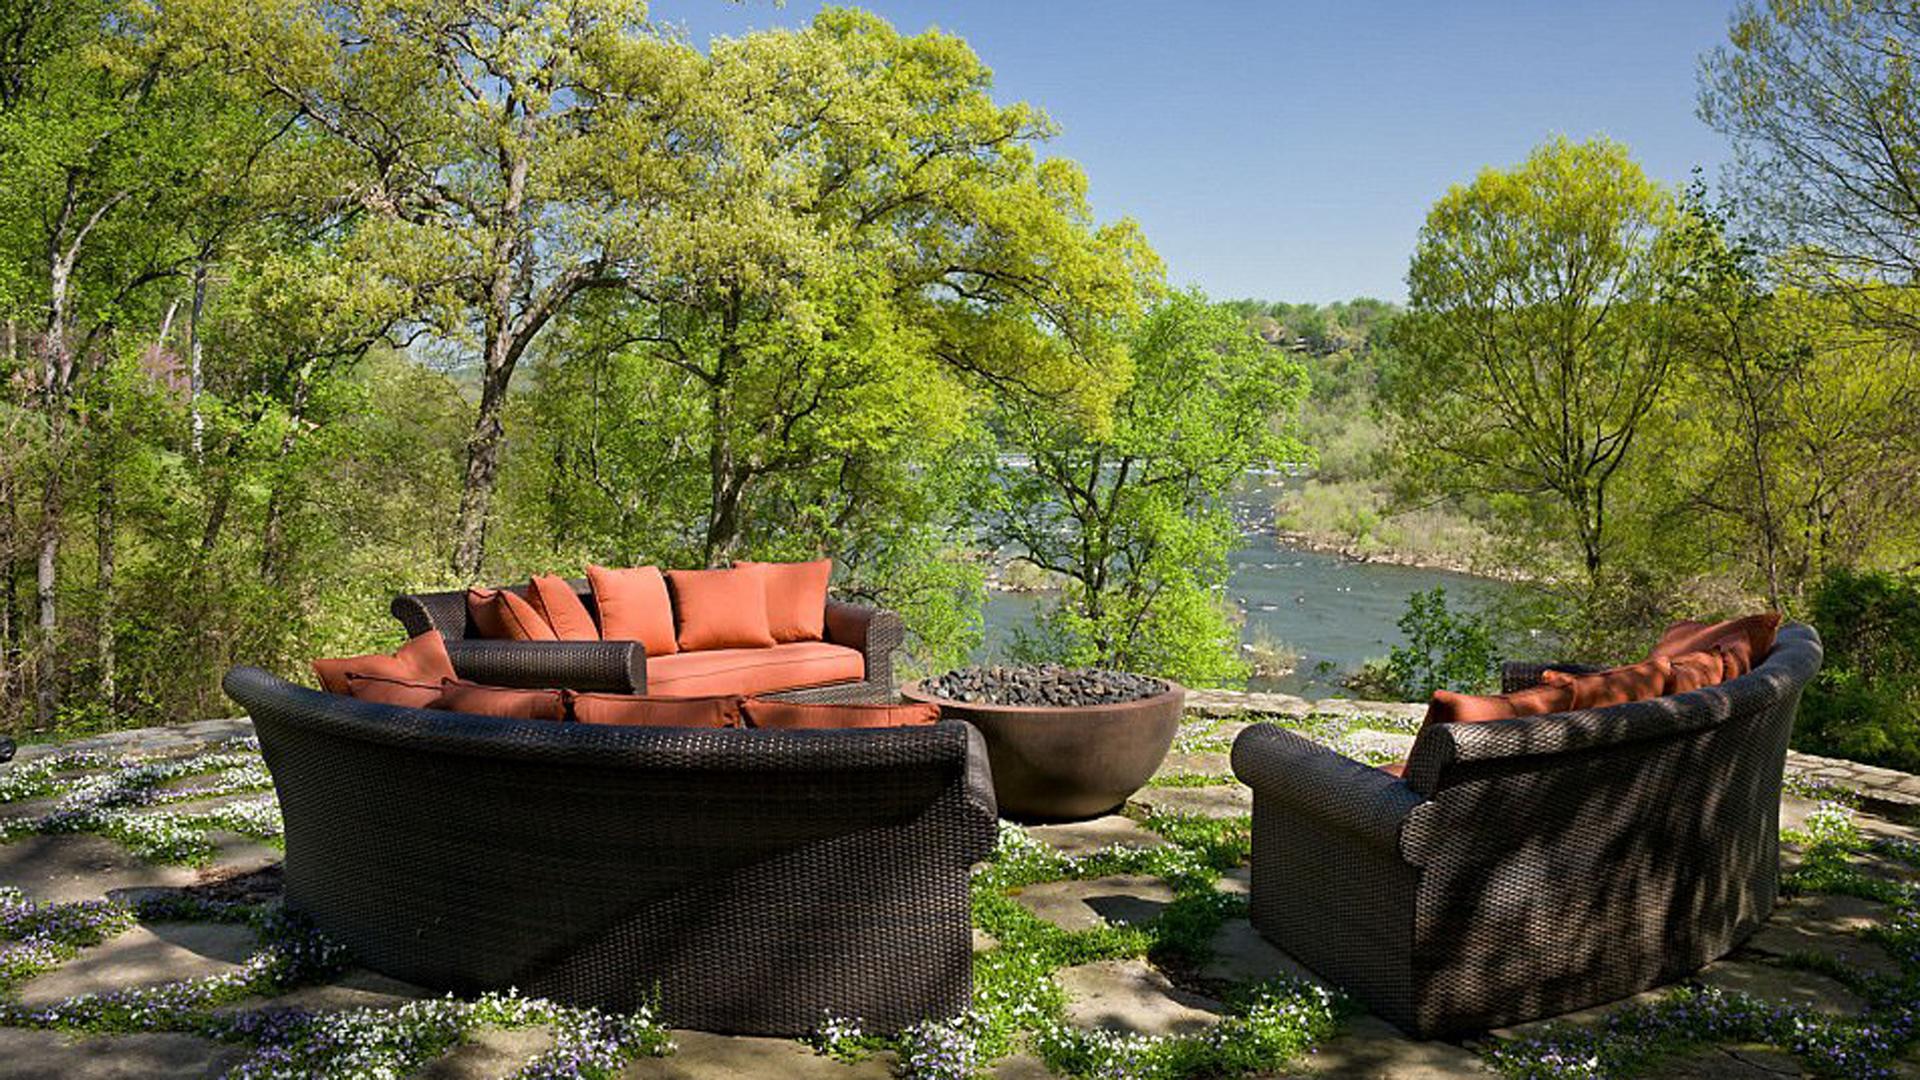 Posee una vista exclusiva del río Potomac